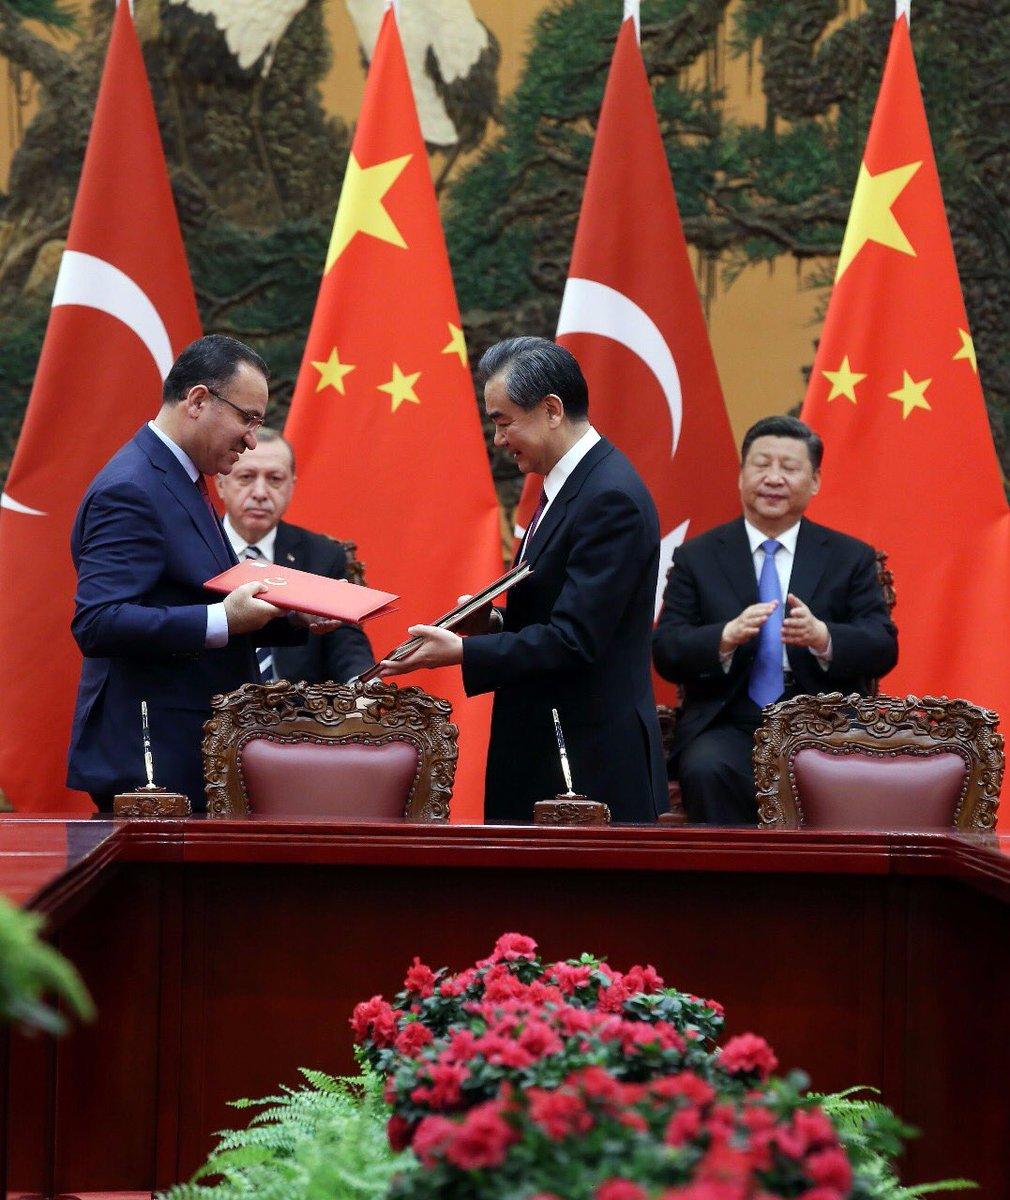 """T.C. Adalet Bakanlığı в Twitter: """"Adalet Bakanı Bekir Bozdağ,Türkiye ile Çin  arasında """"Suçluların Karşılıklı İadesi Anlaşması""""nı imzaladı.… """""""